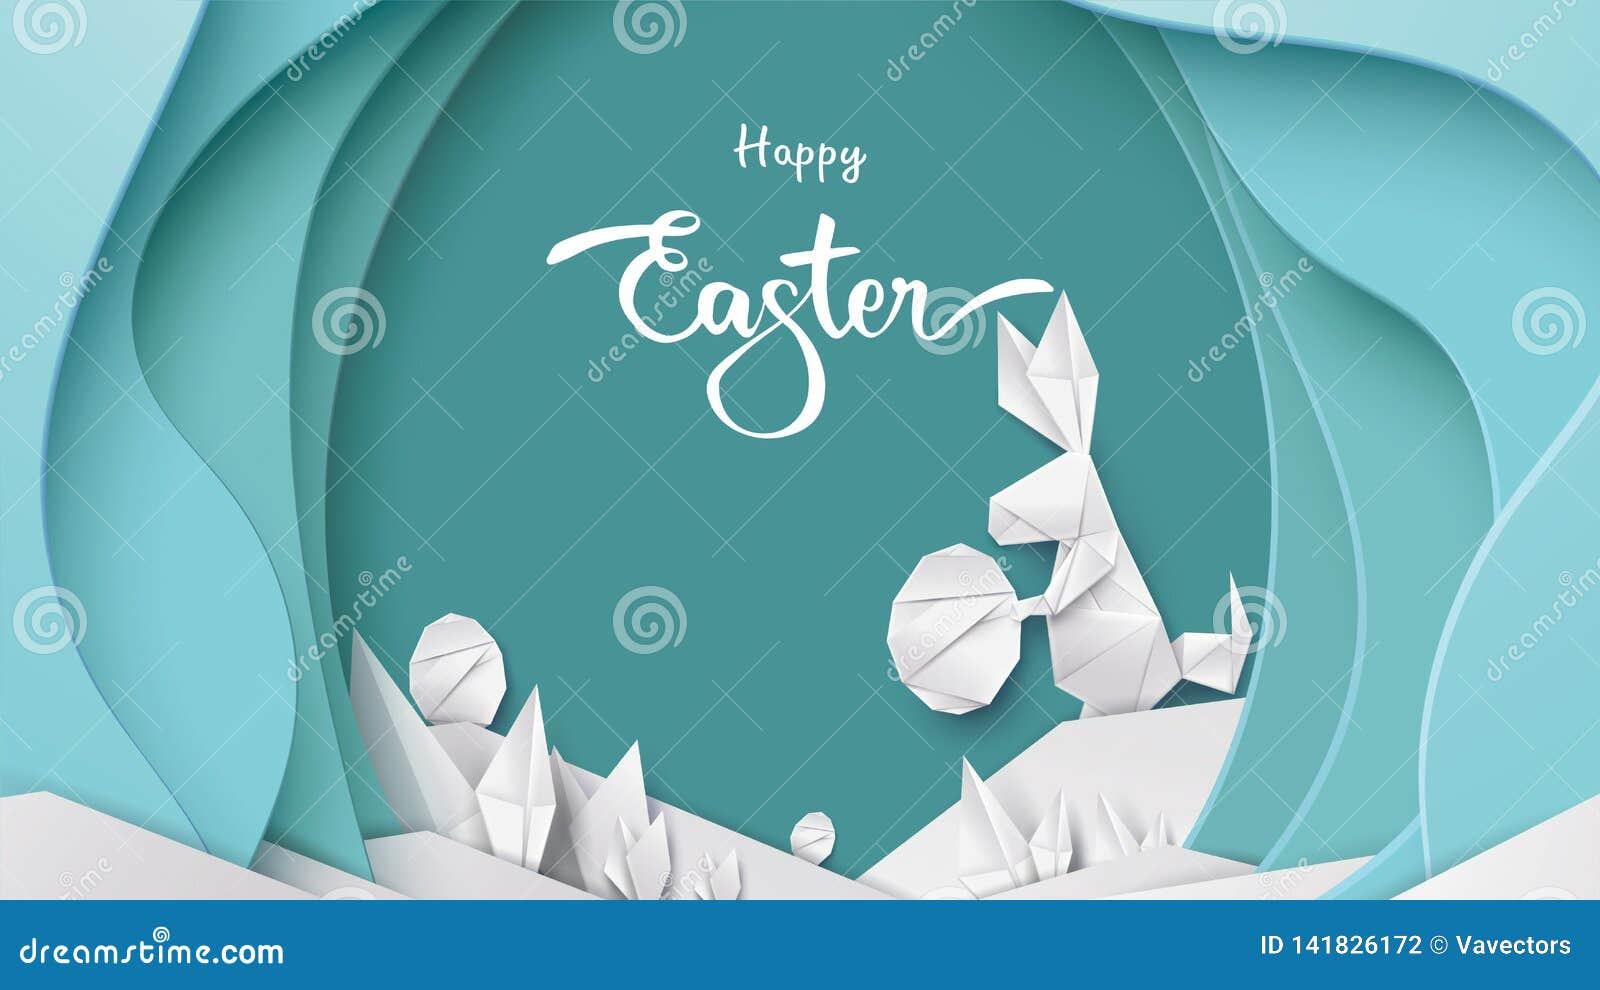 Ευτυχής κάρτα Πάσχας με τη μορφή κουνελιών λαγουδάκι, αυγά στο ζωηρόχρωμο σύγχρονο υπόβαθρο κρητιδογραφιών Διάστημα αντιγράφων γι